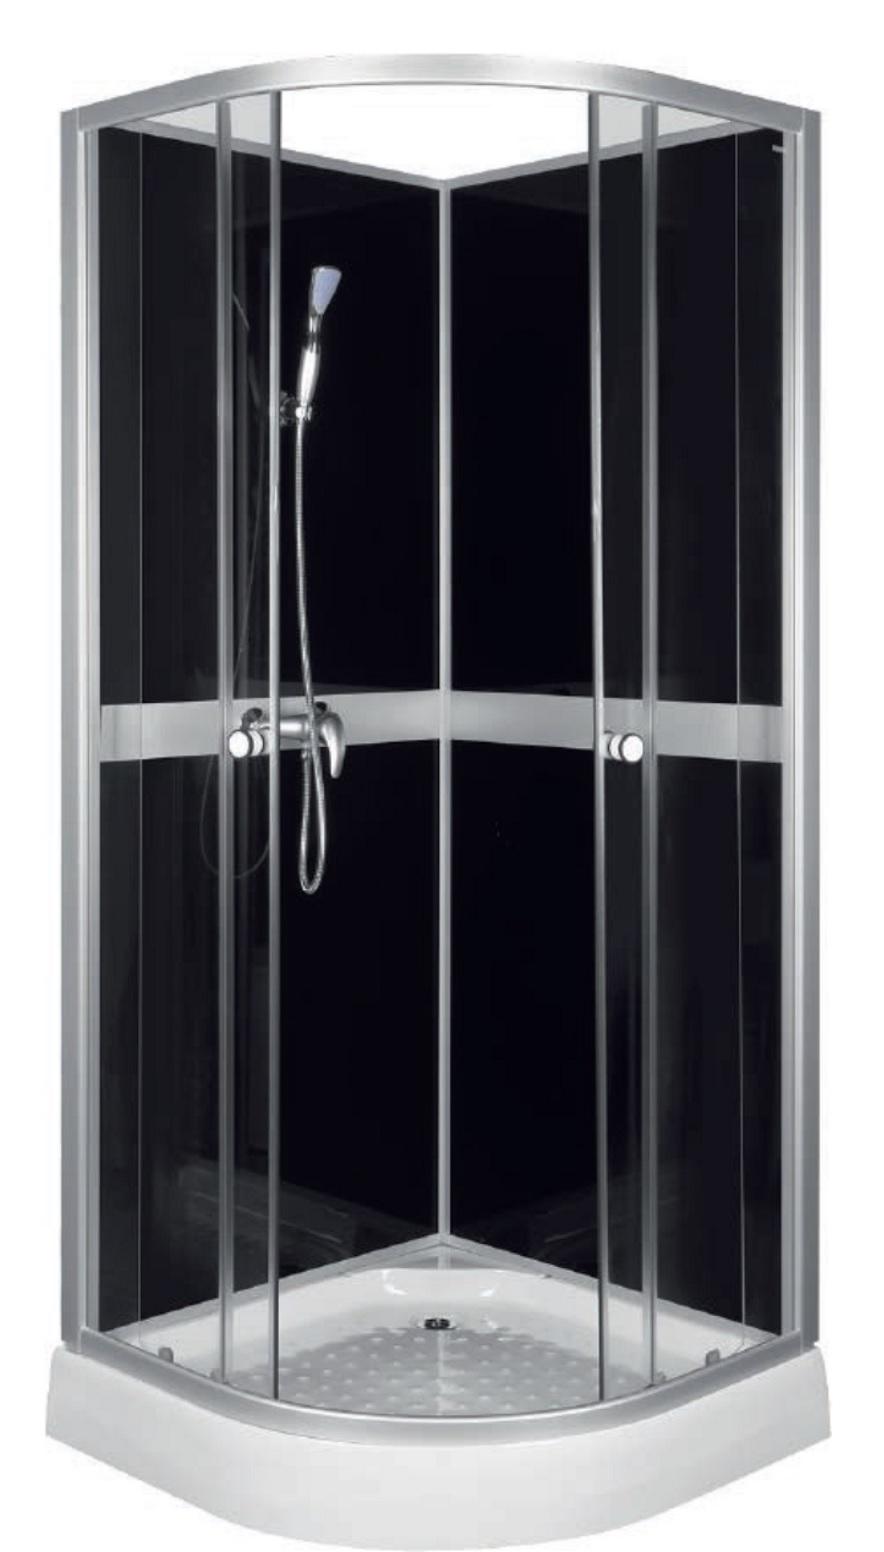 Classic Black Kabina Prysznicowa Natryskowa Z Tylnymi ściankami